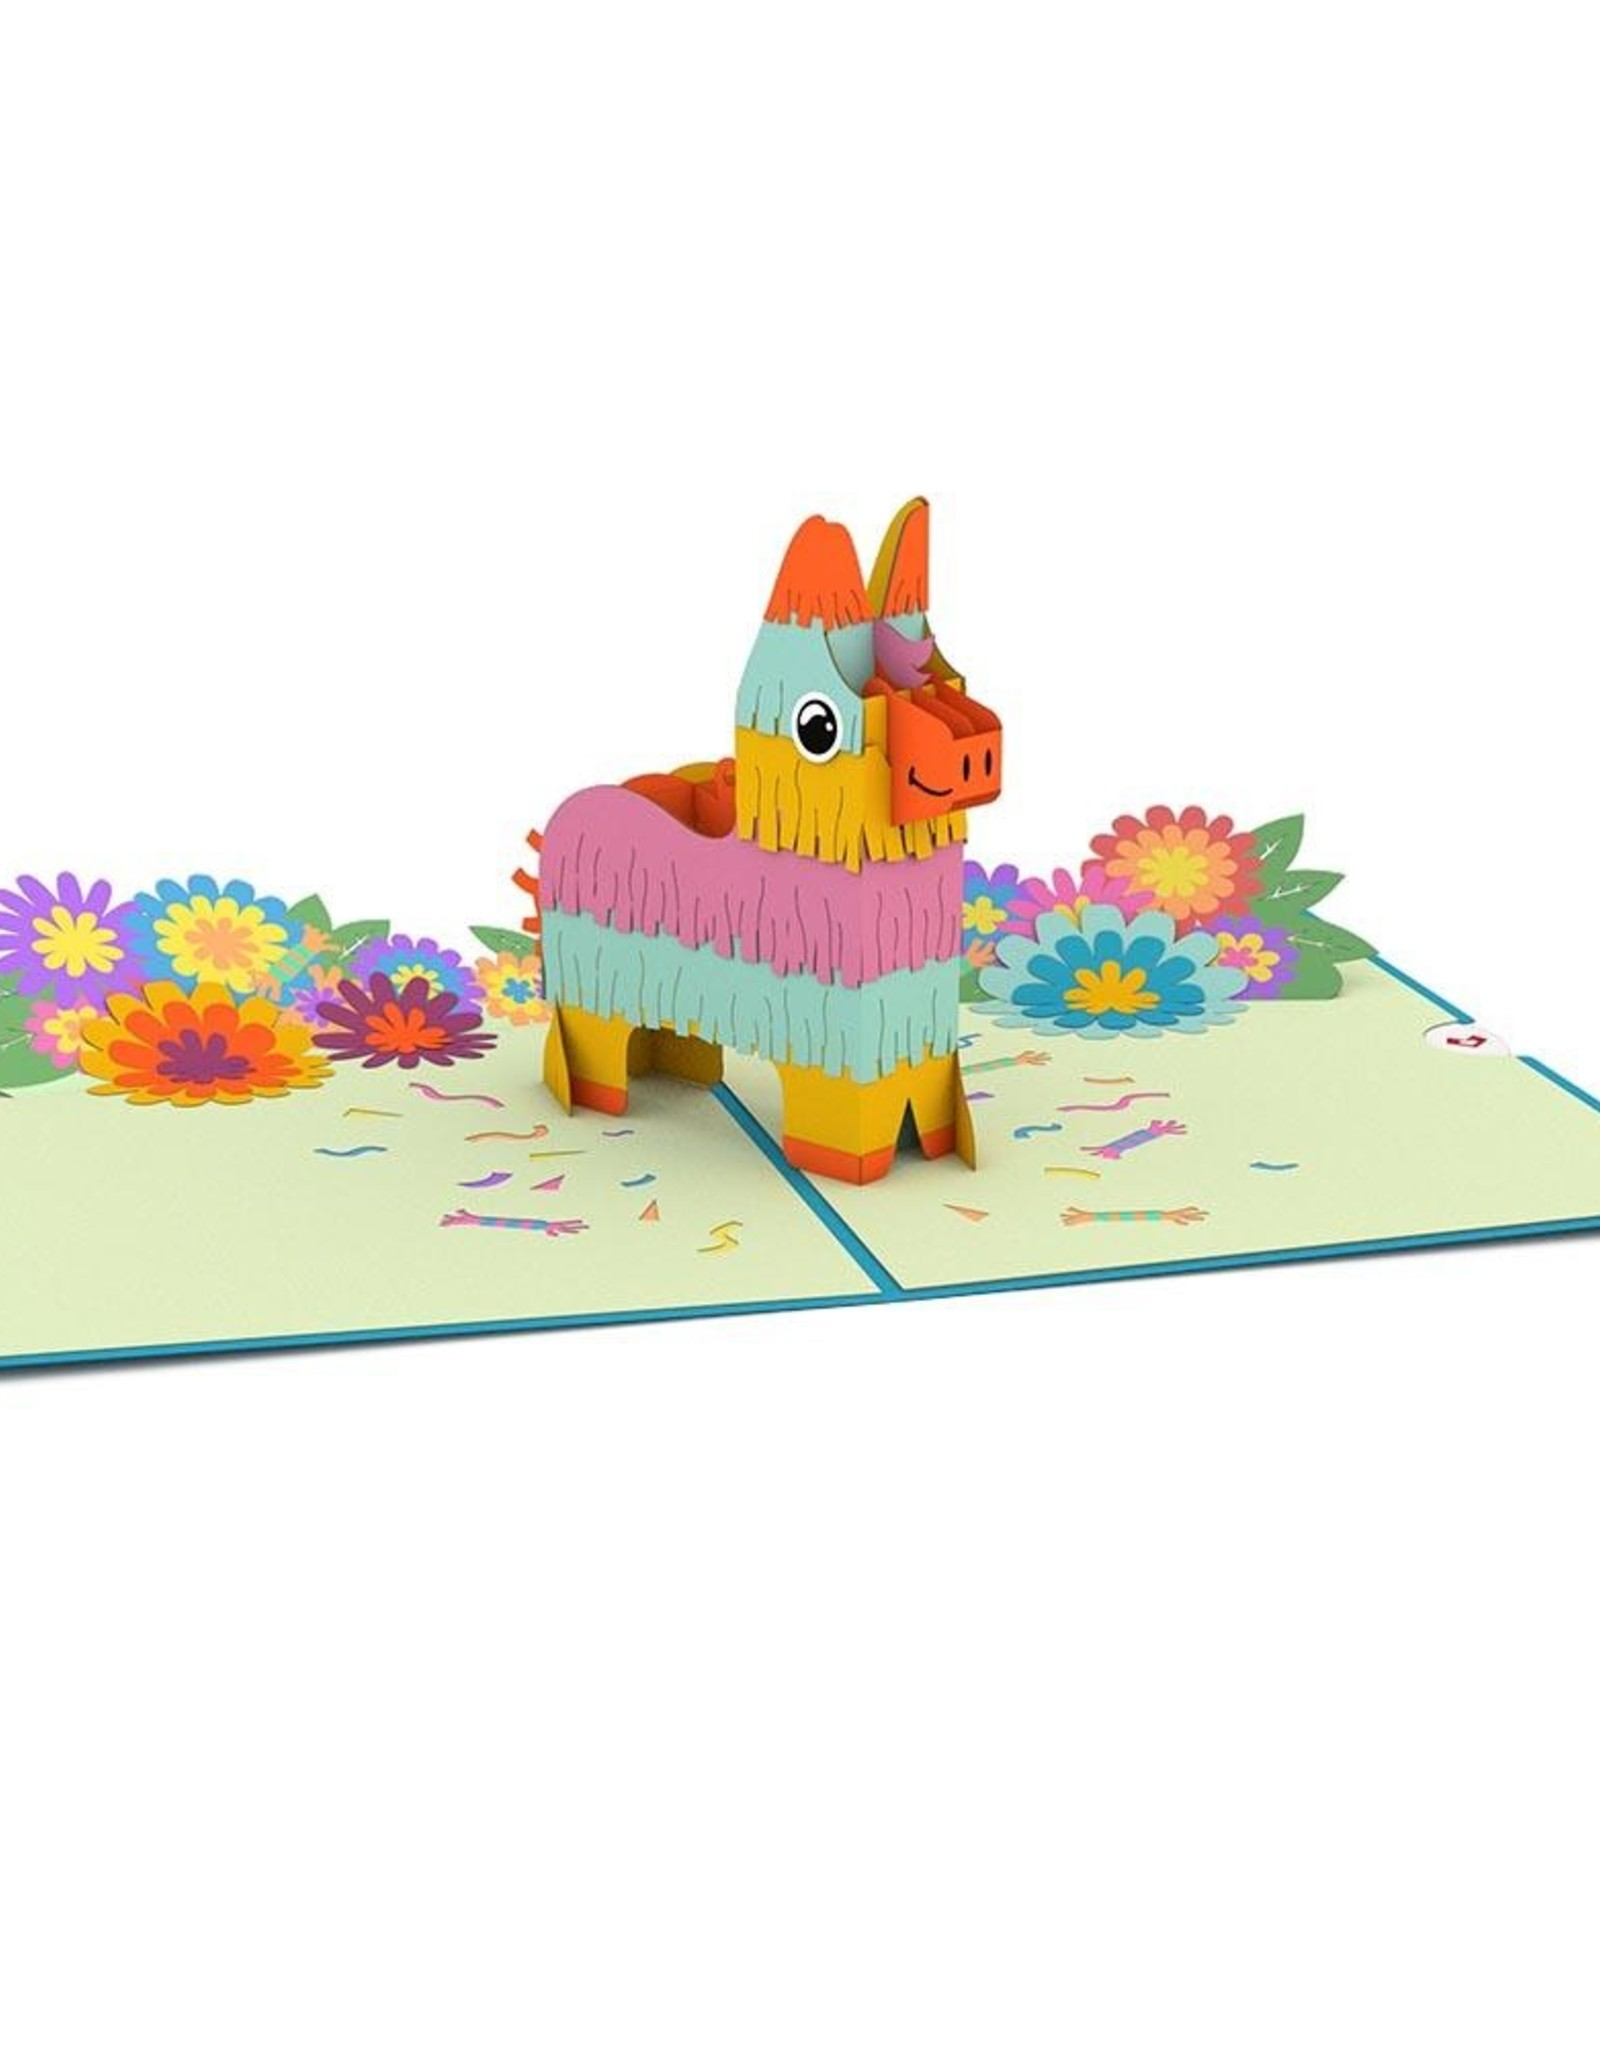 3D Popup Pinata Card